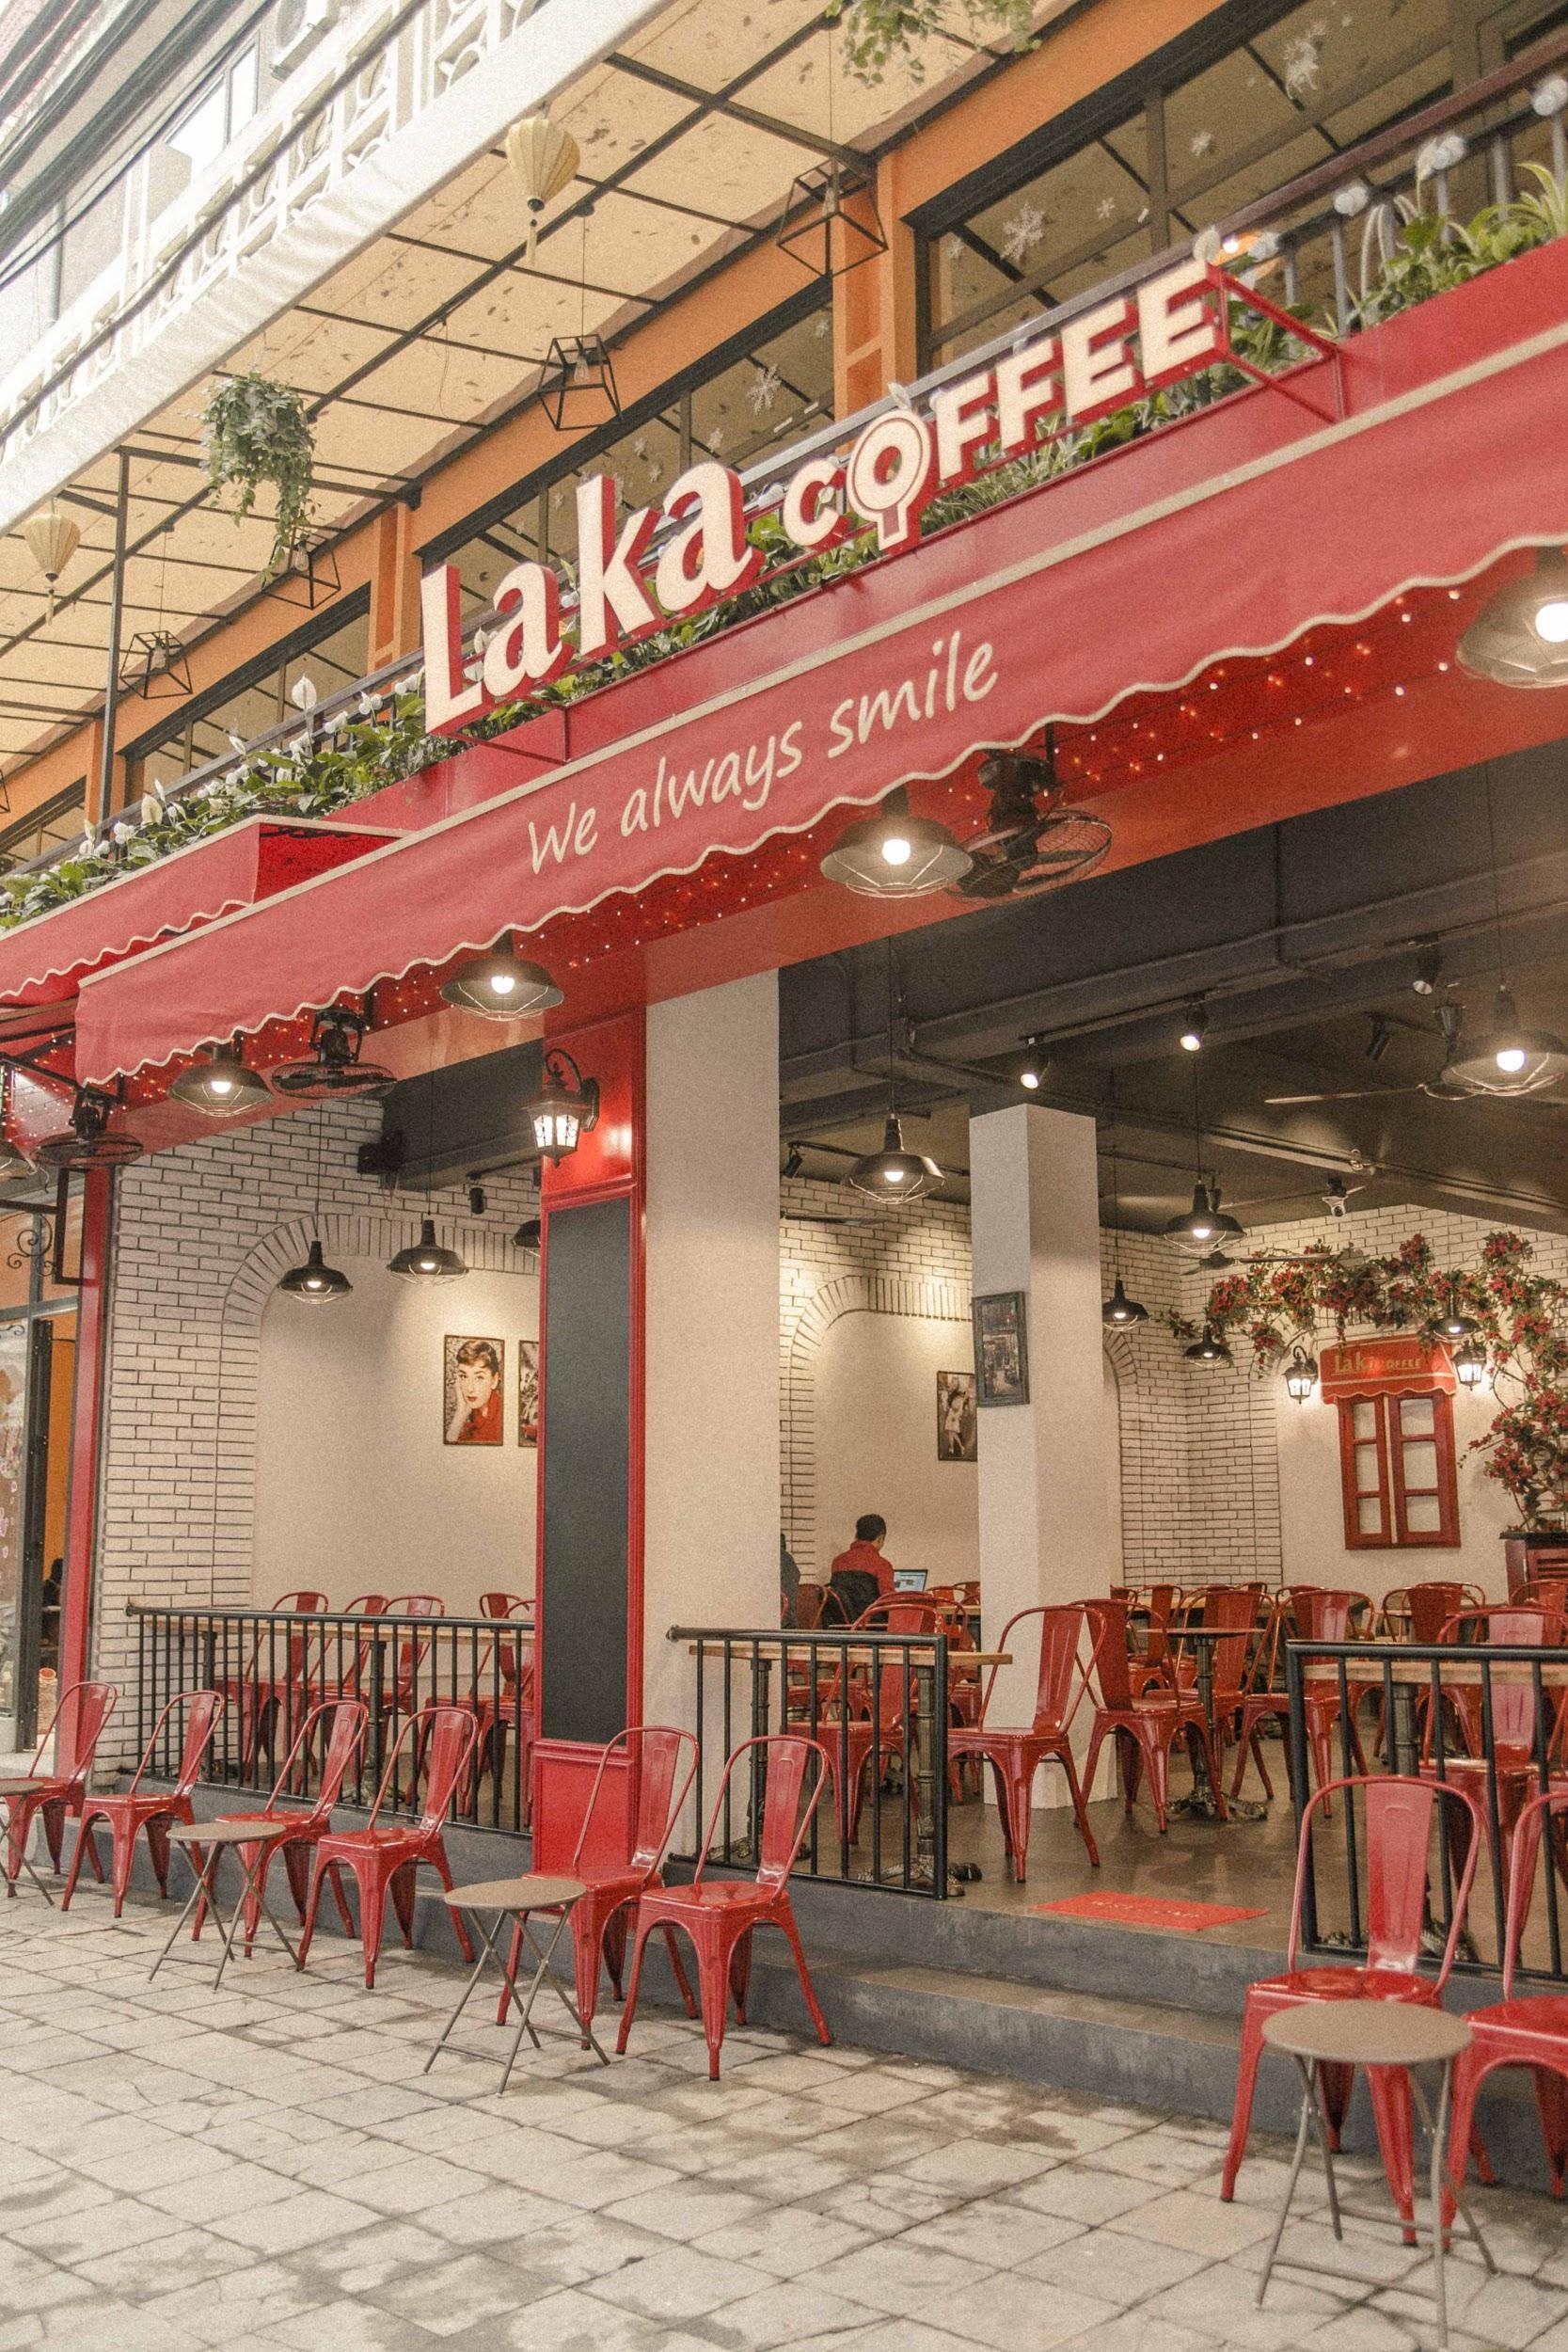 Quán cà phê đỏ rực như Paris tại Hà Nội mà bạn nhất định phải check-in dịp Tết này - Ảnh 1.